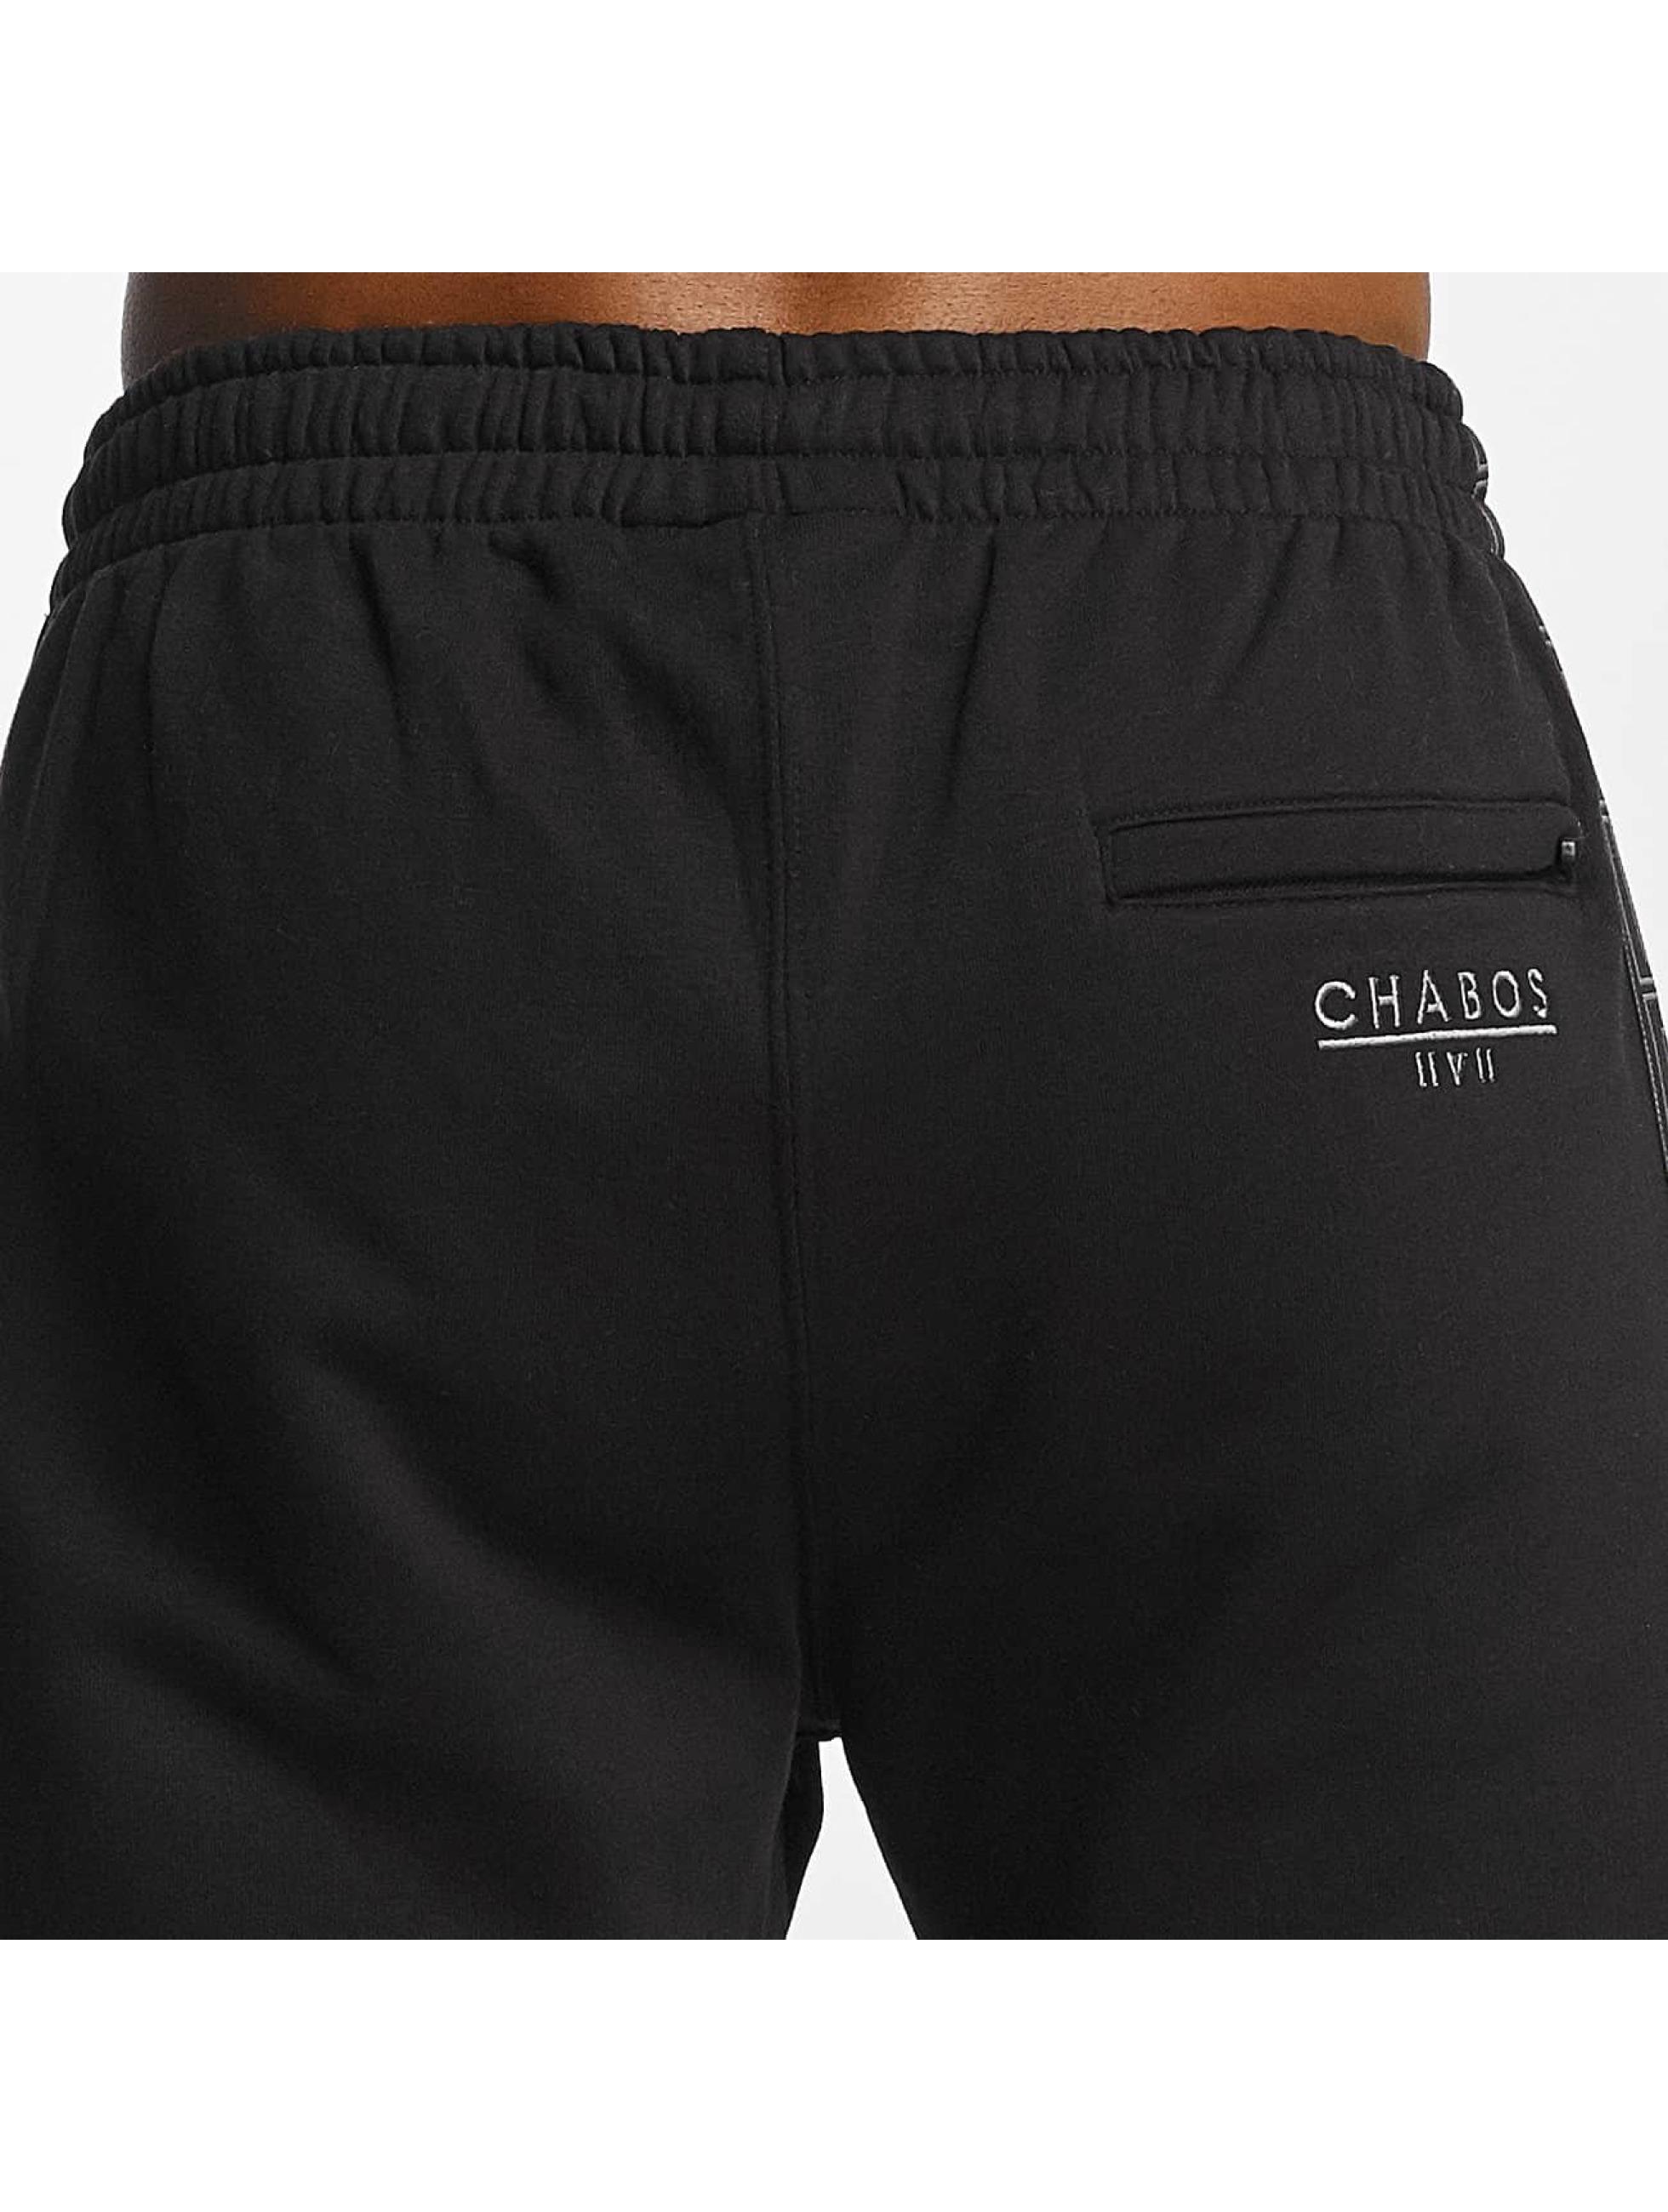 CHABOS IIVII Spodnie do joggingu Palazzo Taped czarny